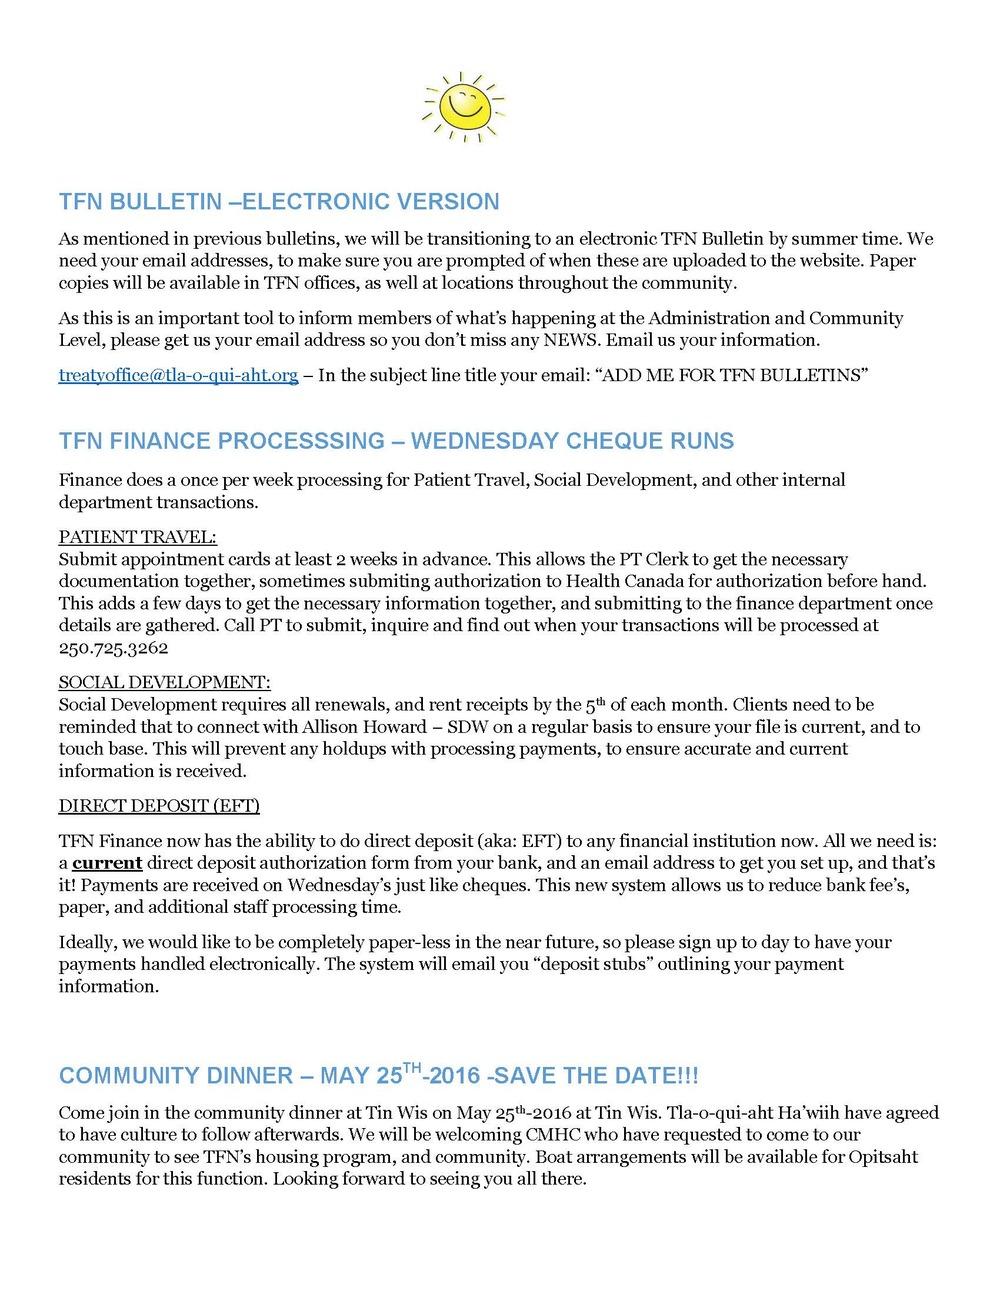 TFN Bulletin May 1-2016 (2)_Page_4.jpg